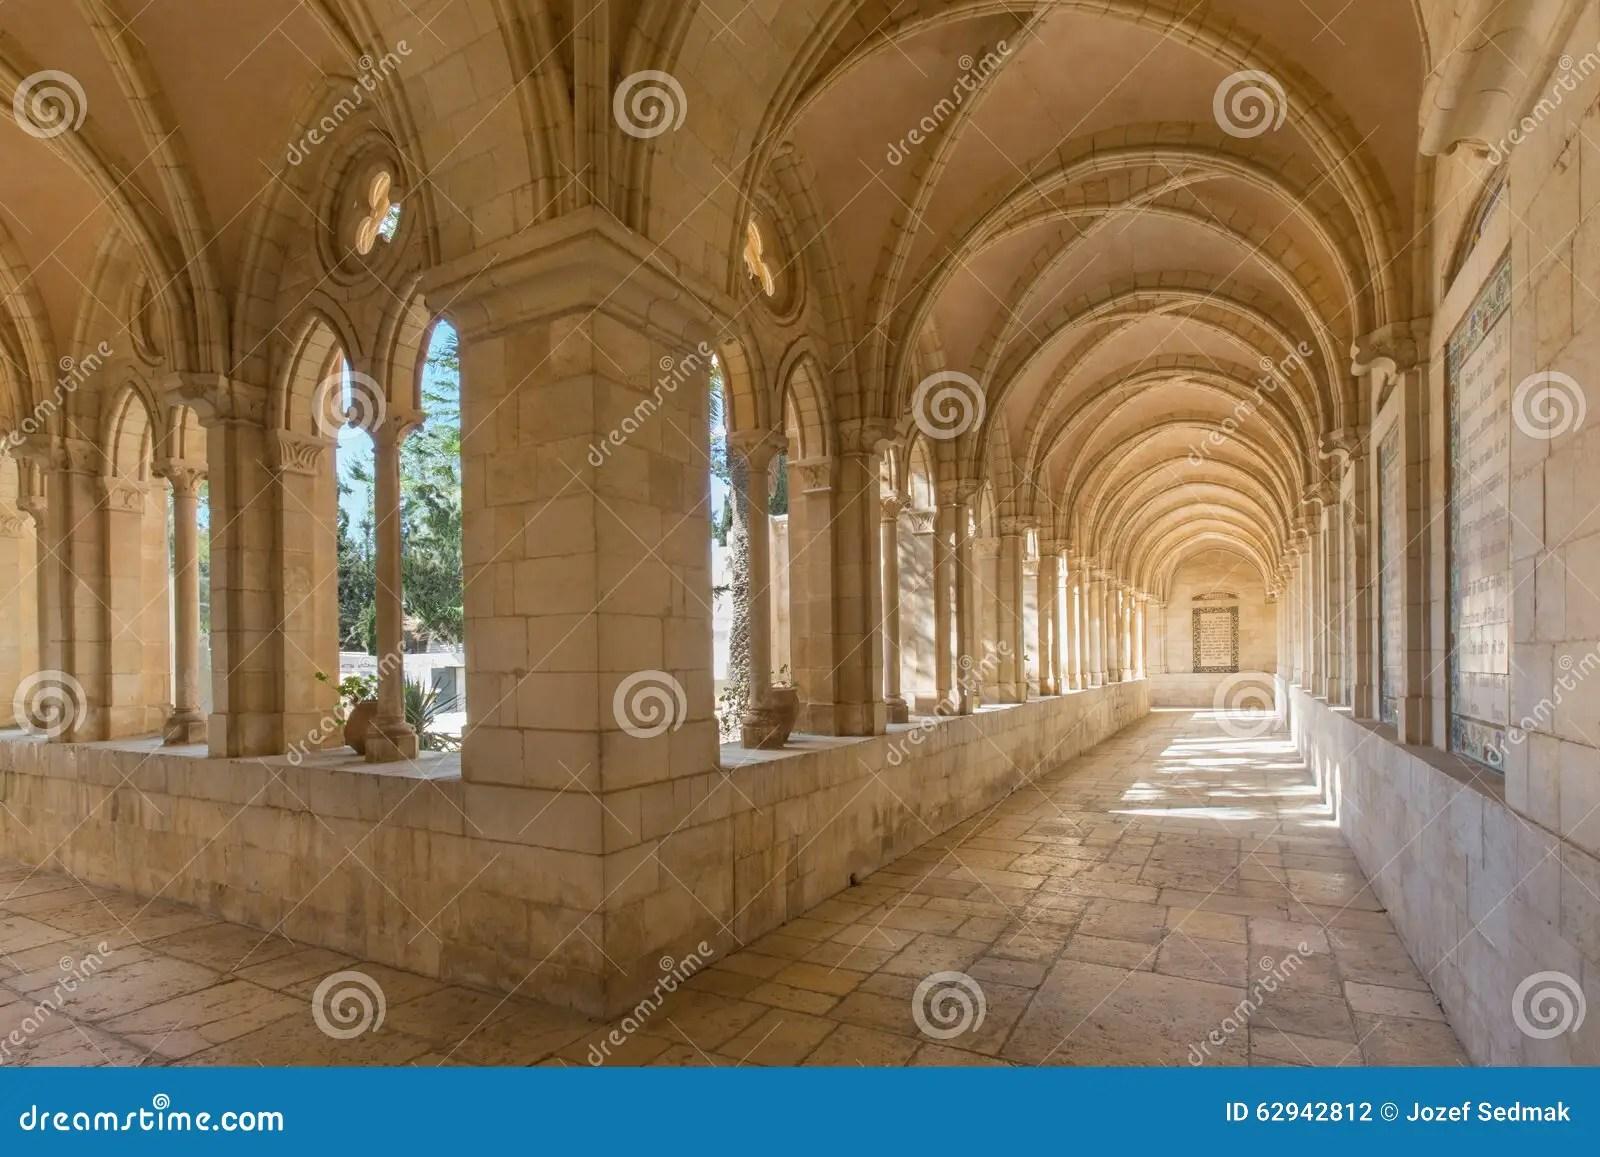 Jerusalem  The Gothic Corridor Of Atrium In Church Of The